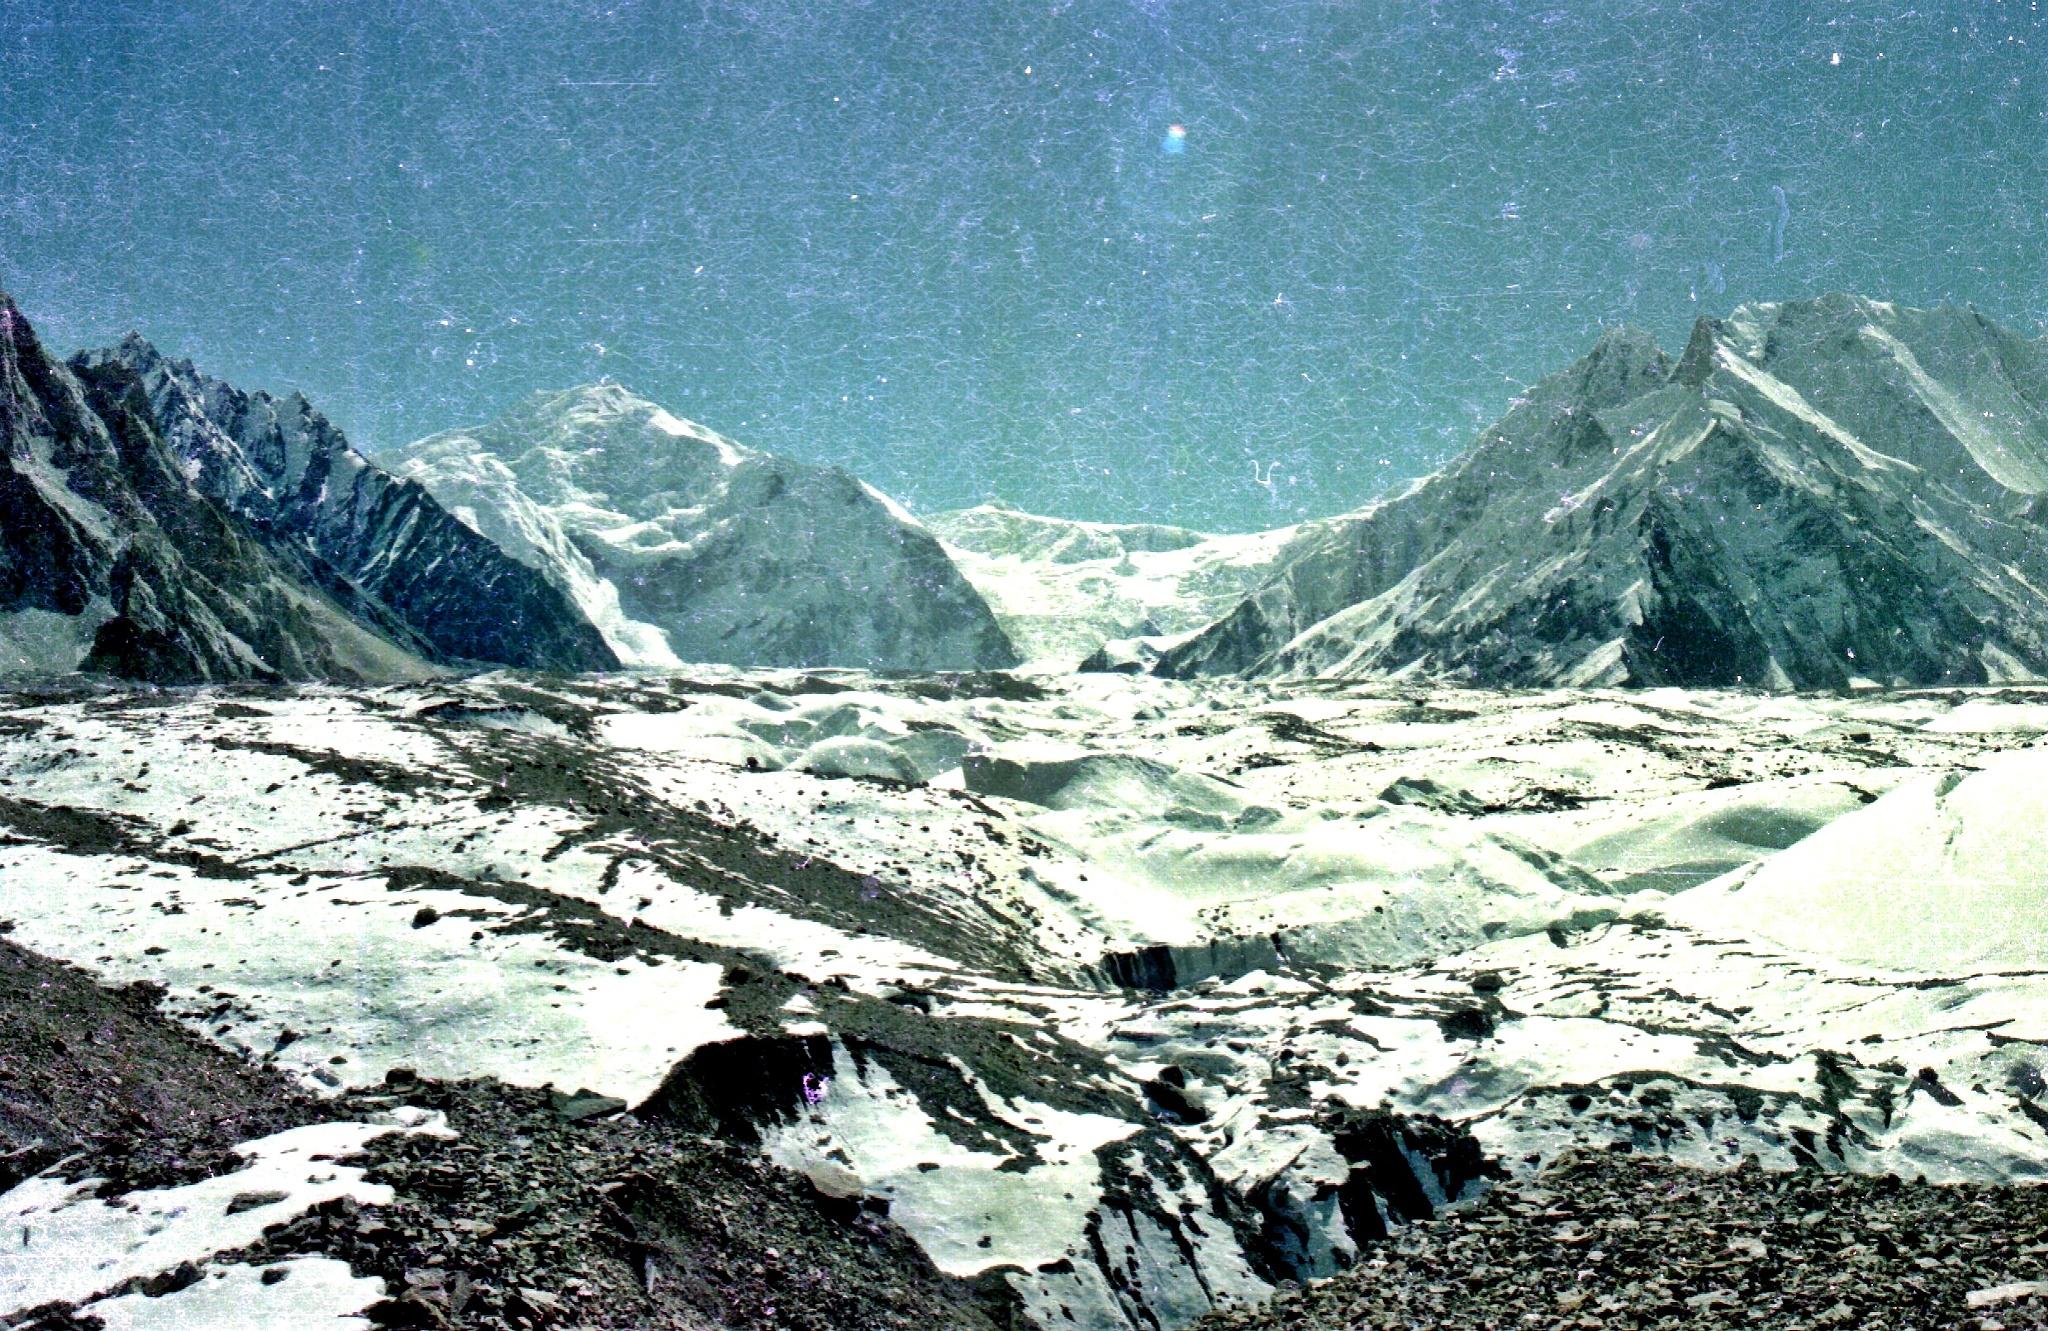 Mountains beside Baltoro Glacier  by pervaiz_jiu-jitsu